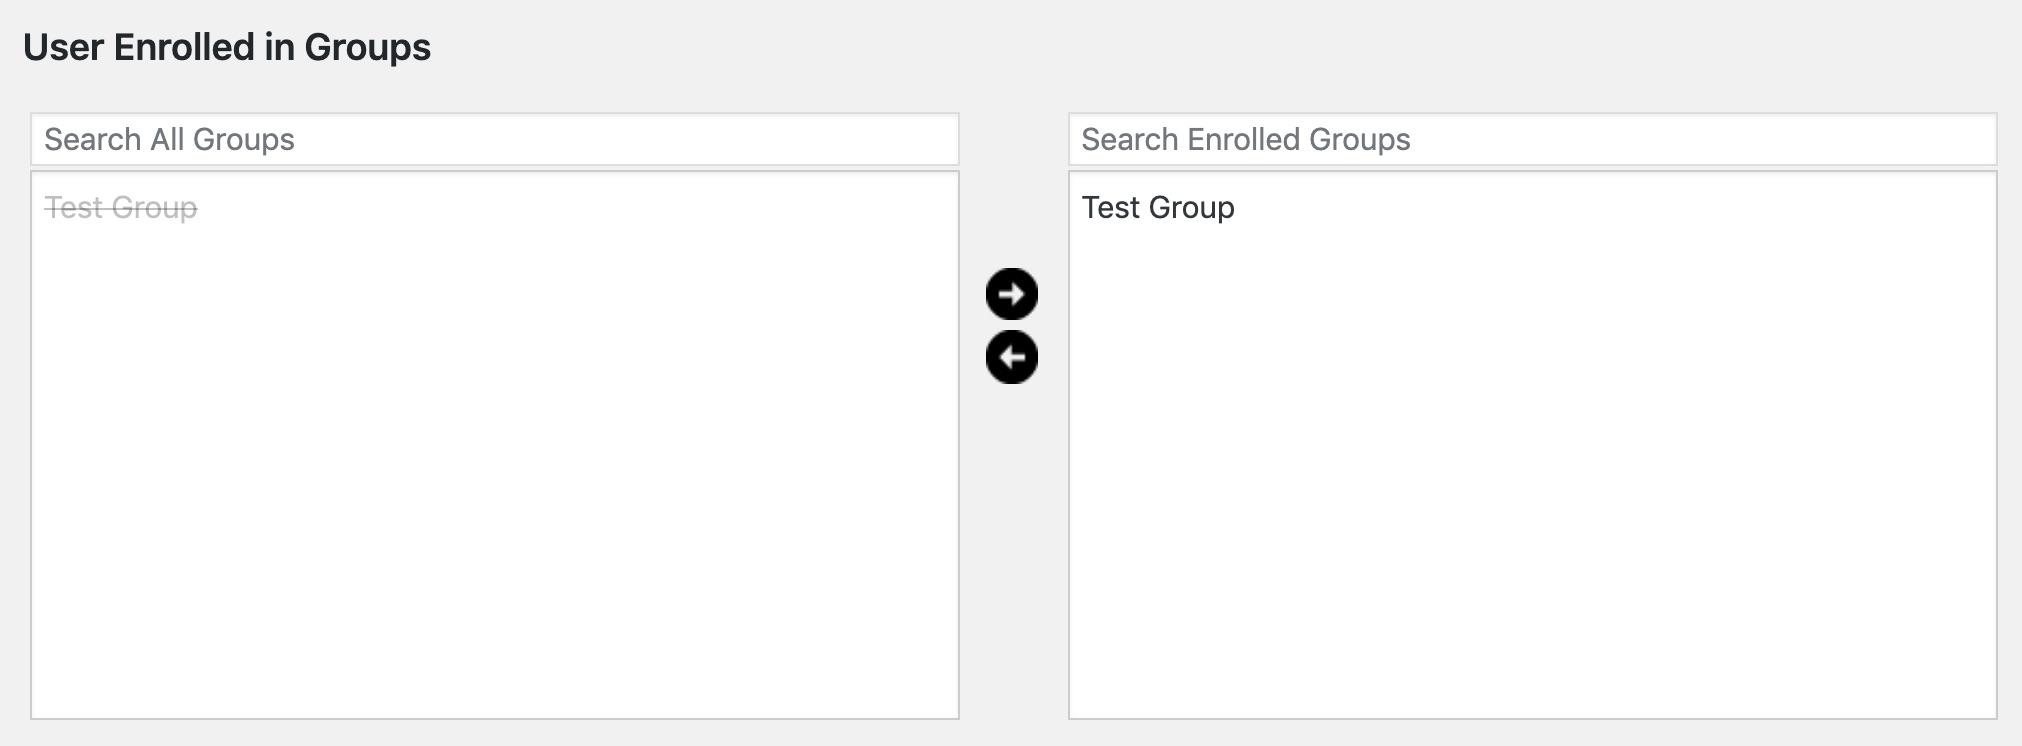 LearnDash user enrolled in groups, management